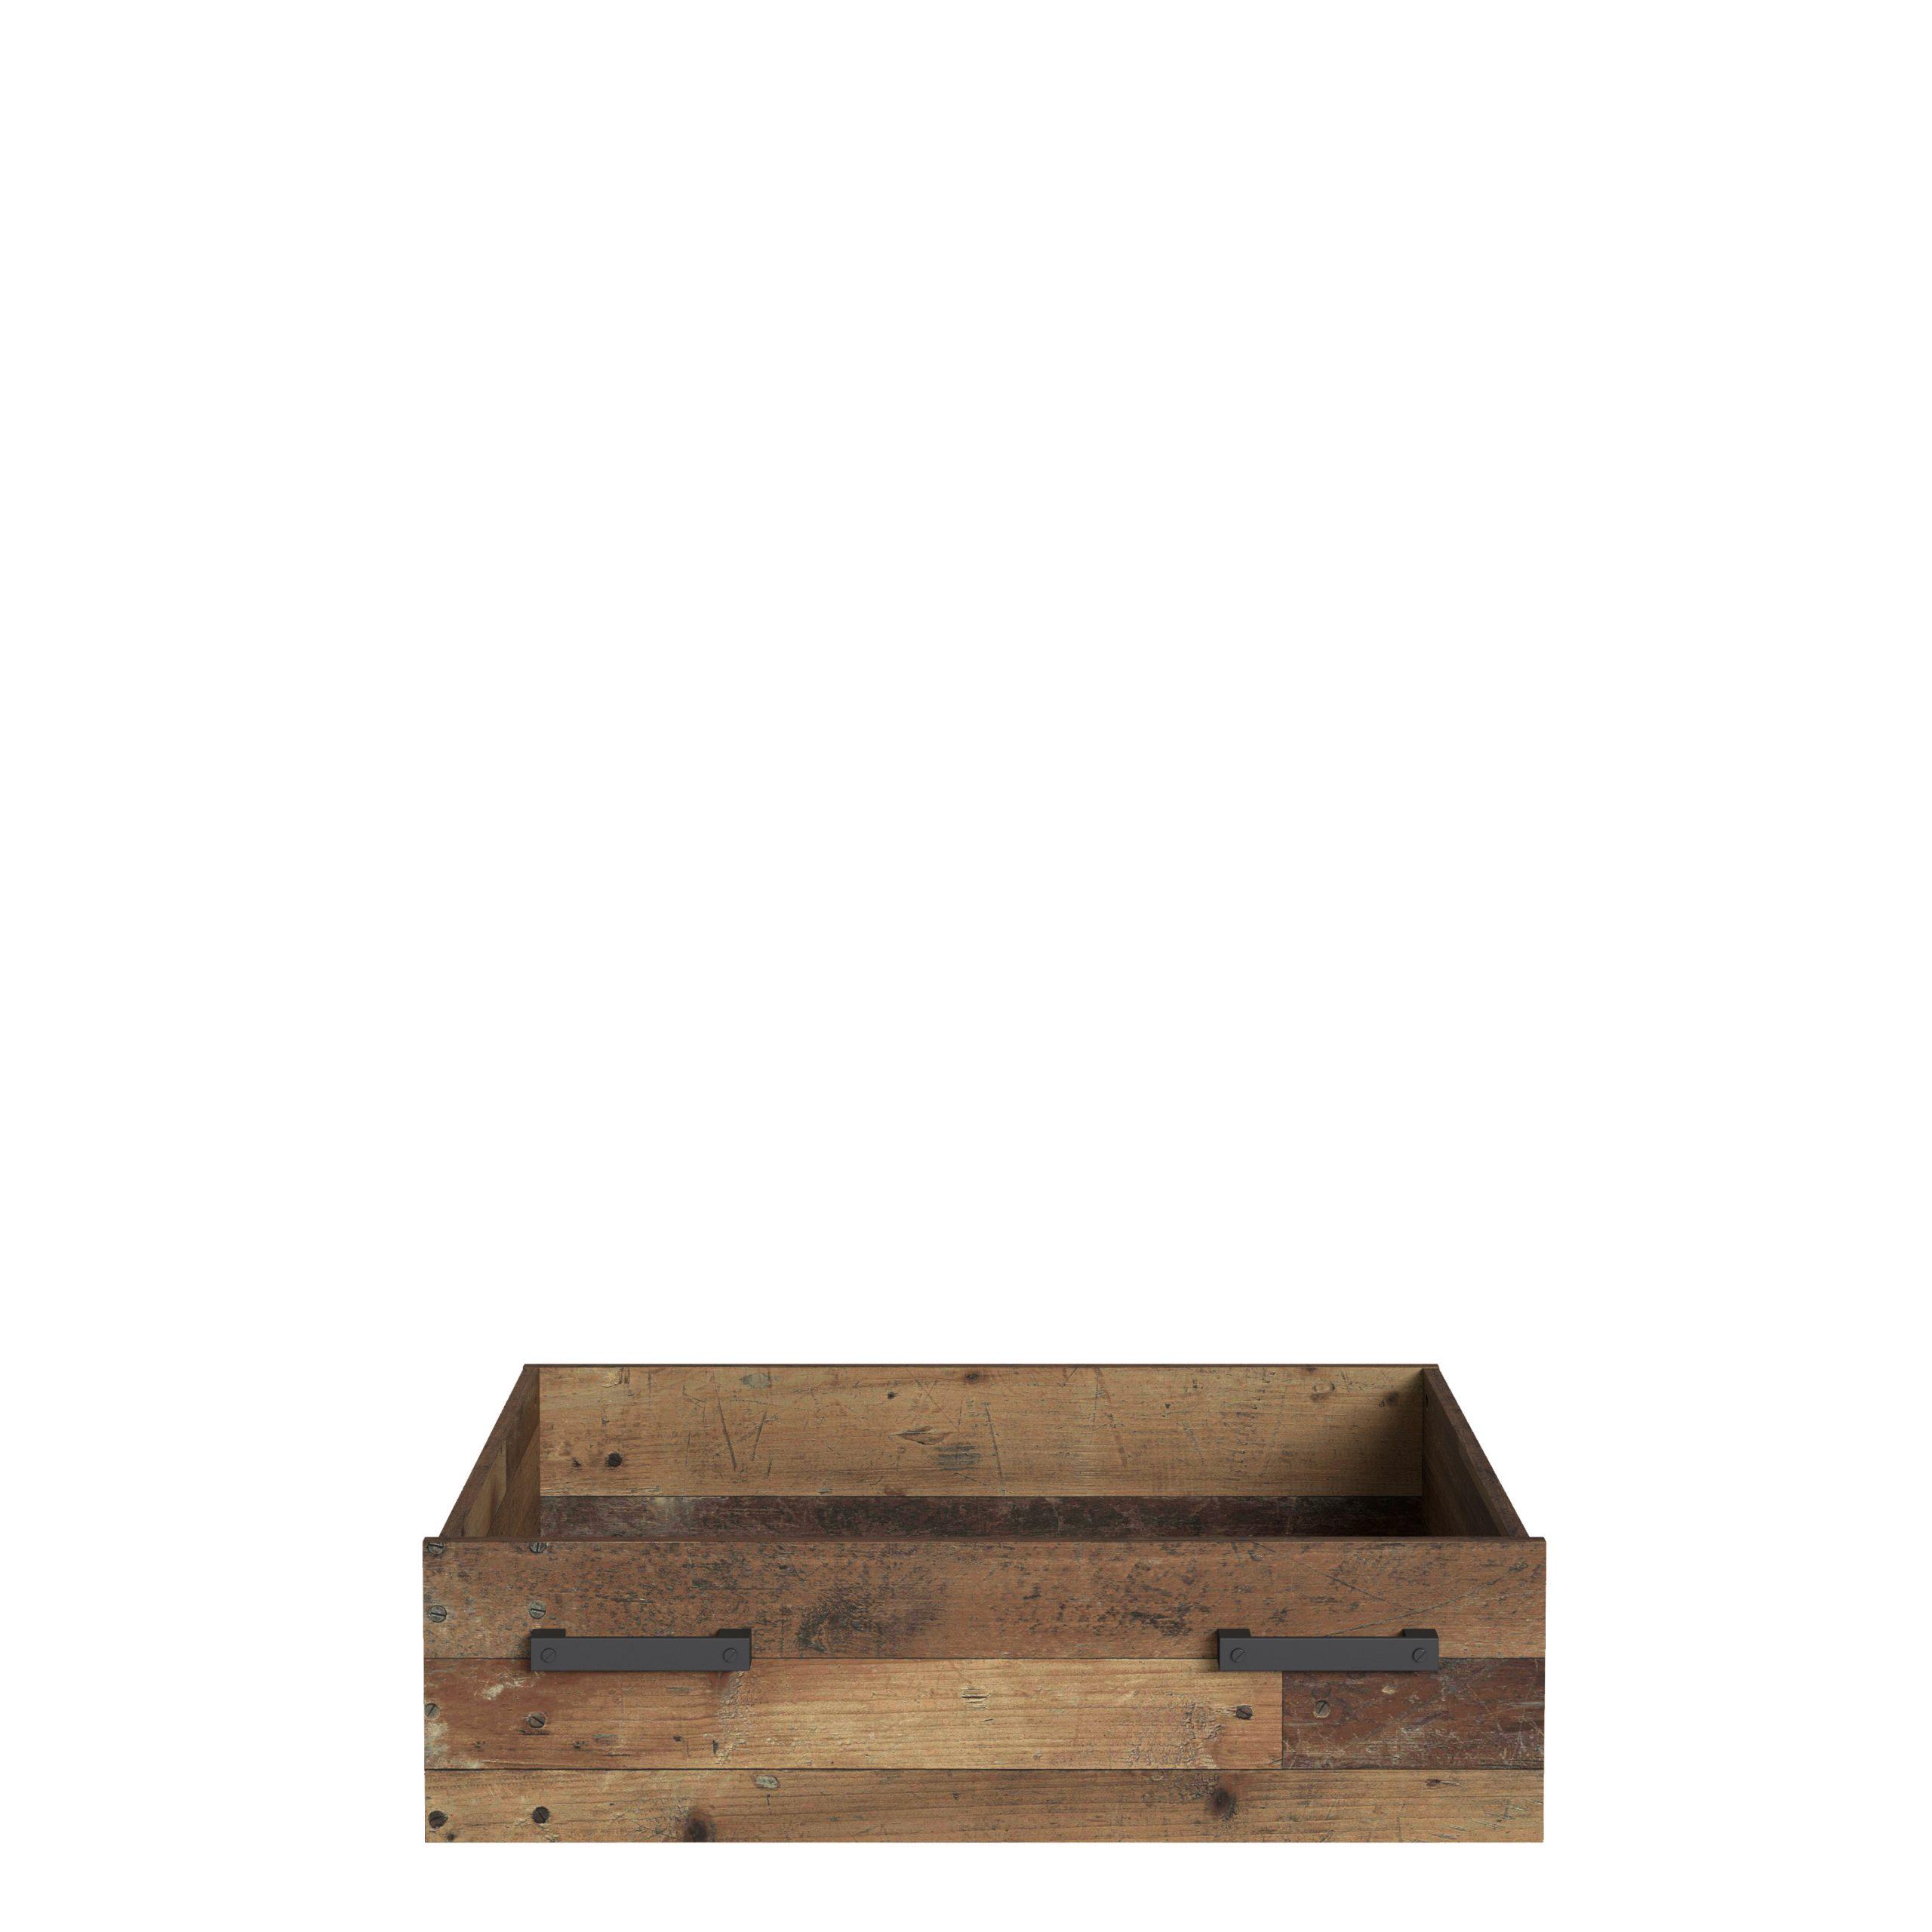 Full Size of Bett Vintage Bettschubkasten Zu 120x200 Clif Von Forte Old Wood Weiß Joop Betten Düsseldorf Günstig Kaufen Baza 80x200 Tagesdecken Für Mit Gästebett Bette Bett Bett Vintage